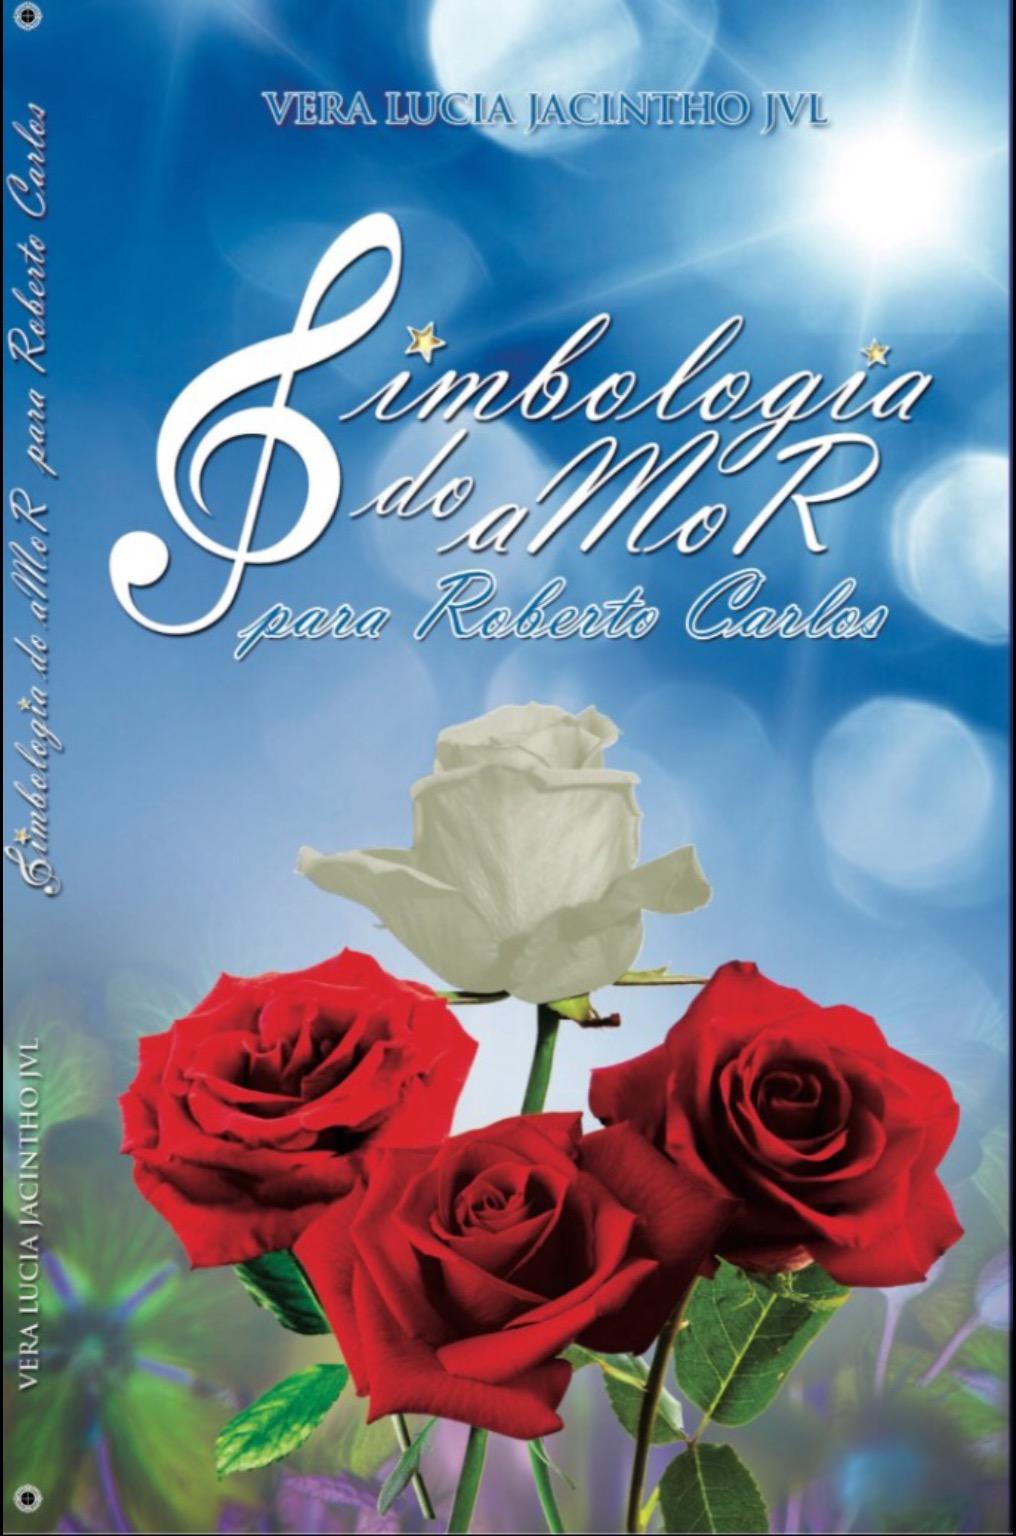 Vera Lúcia Jacintho - Livro de poemas dedicado para  Roberto.